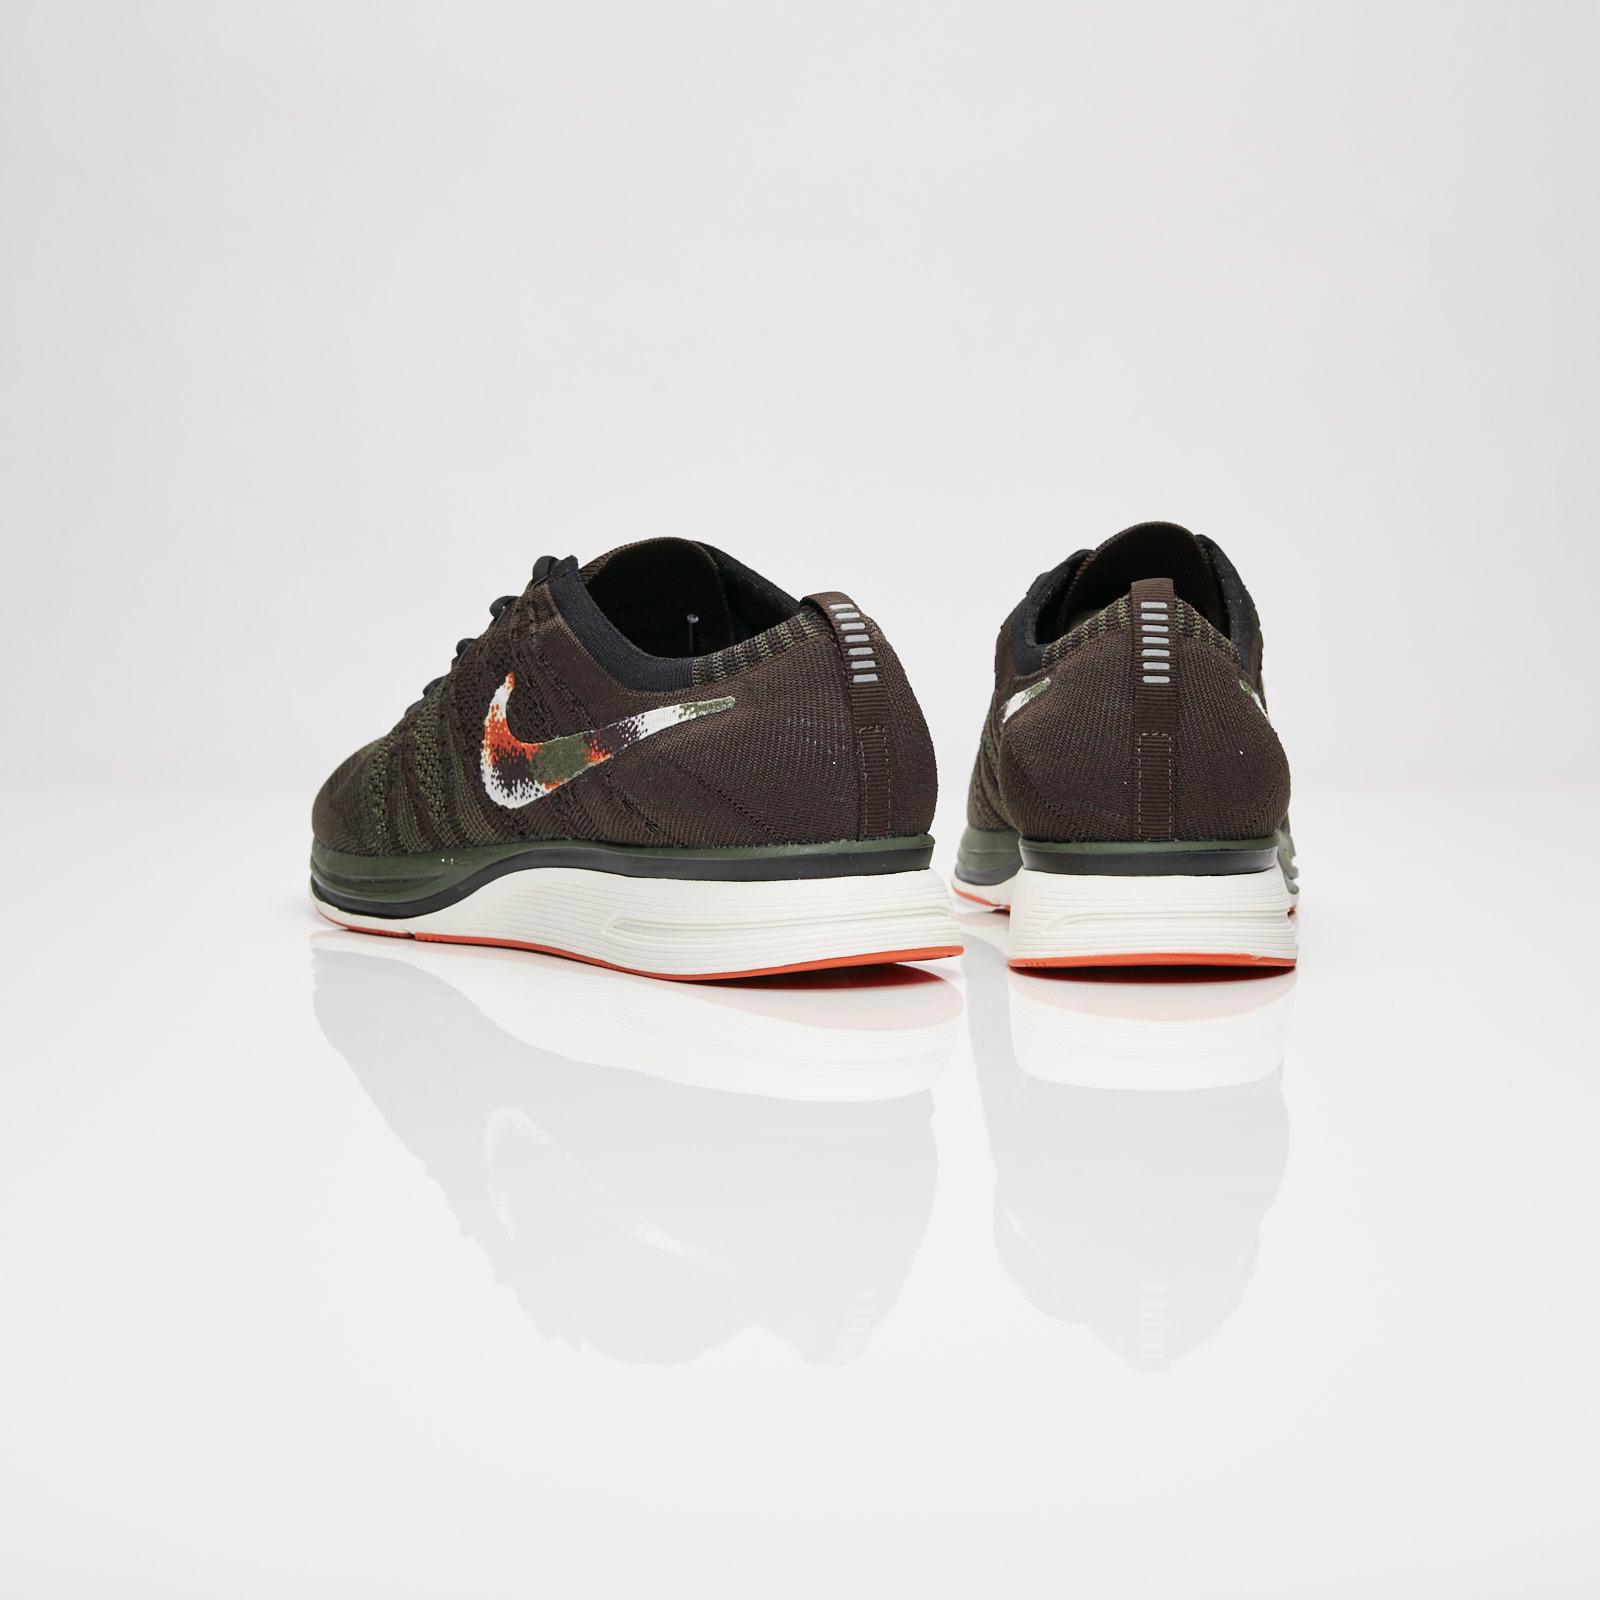 online retailer d1228 65f20 Nike Flyknit Trainer - Ah8396-202 - Sneakersnstuff   sneakers   streetwear  online since 1999